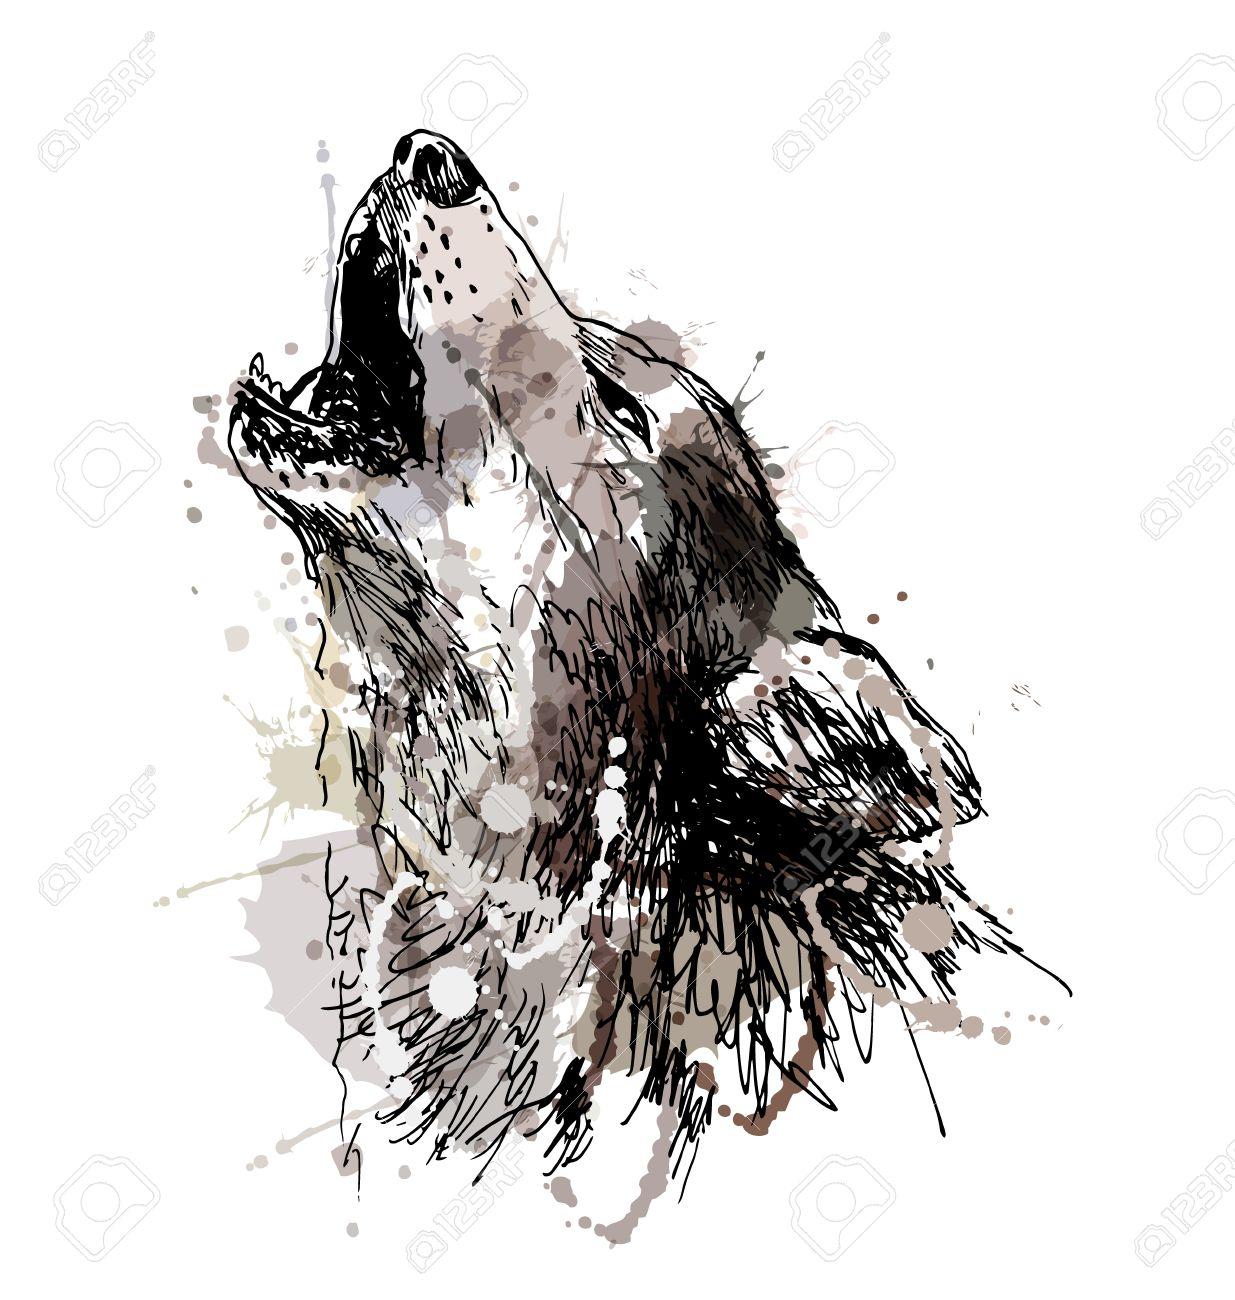 Dibujo A Mano De Color De Un Lobo Aullando Ilustración Vectorial